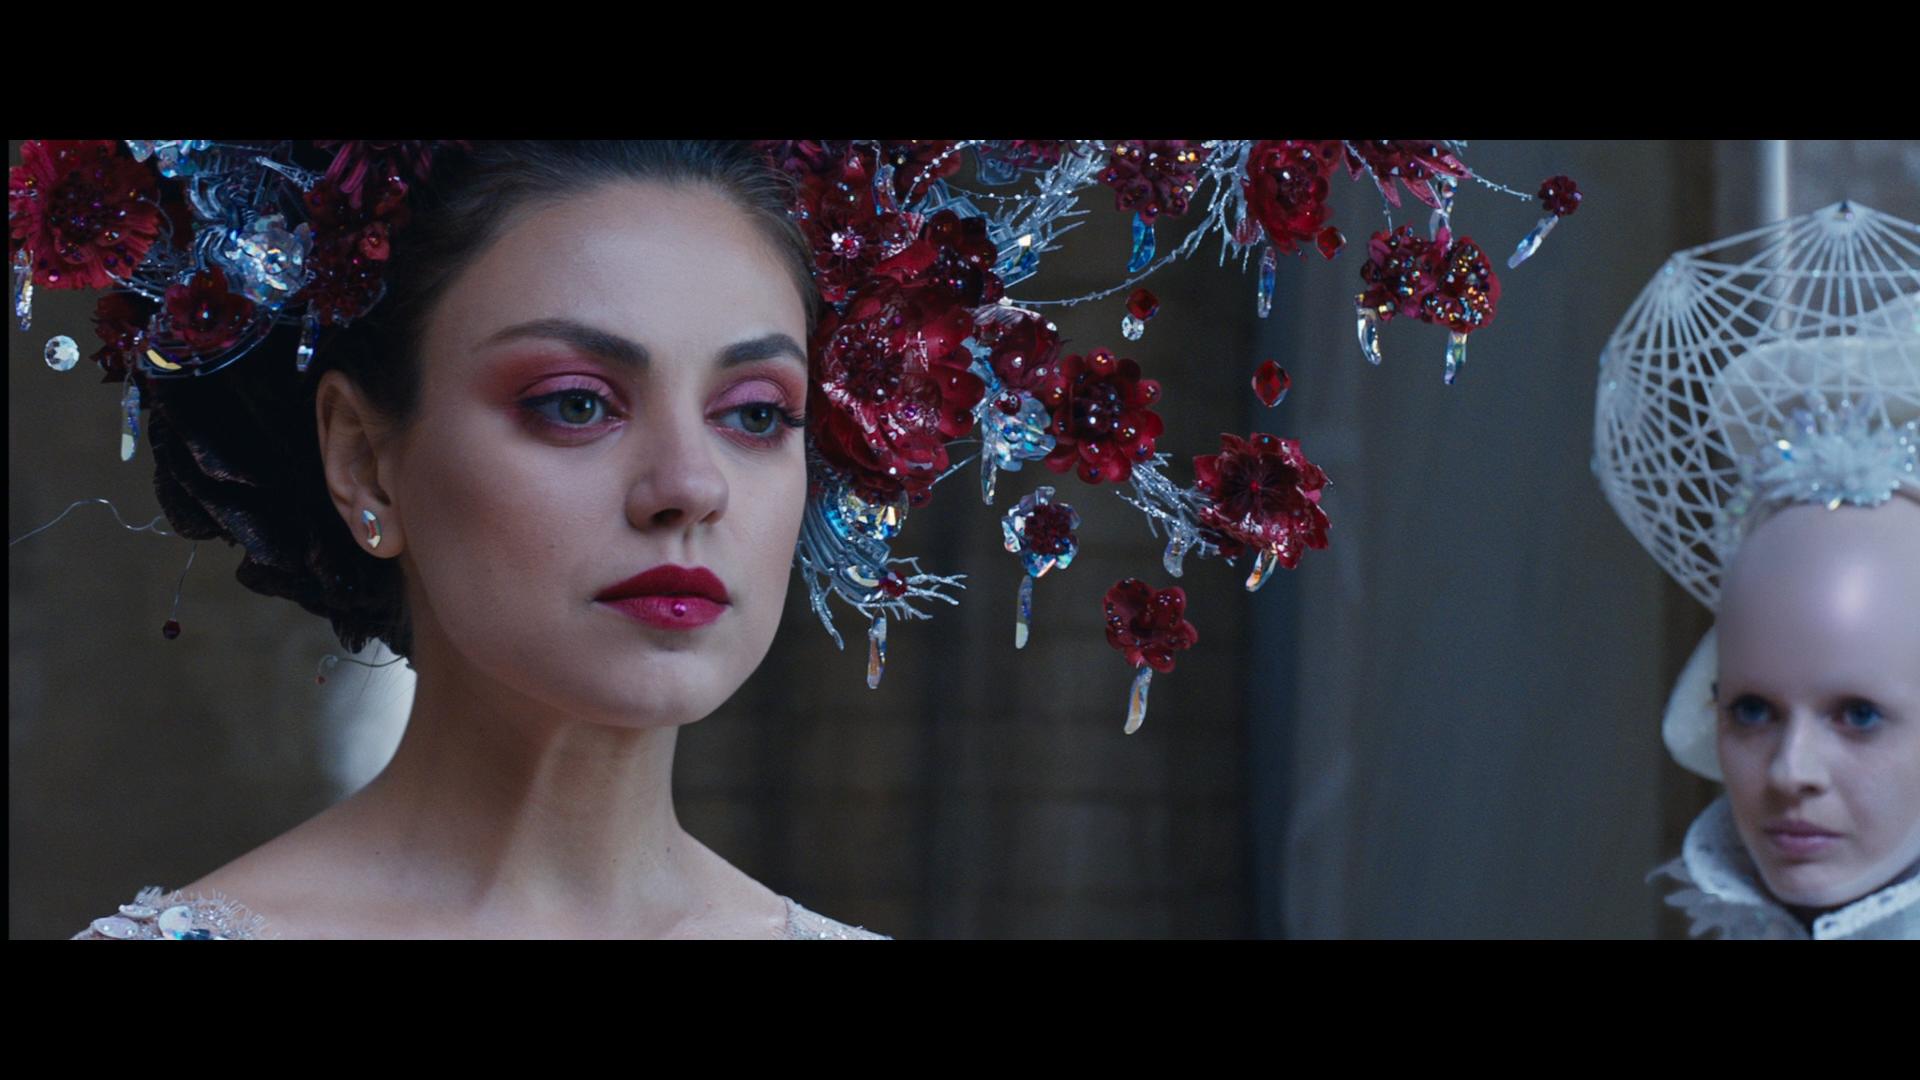 Фильм восхождение юпитер (2015) скачать торрент в хорошем качестве.